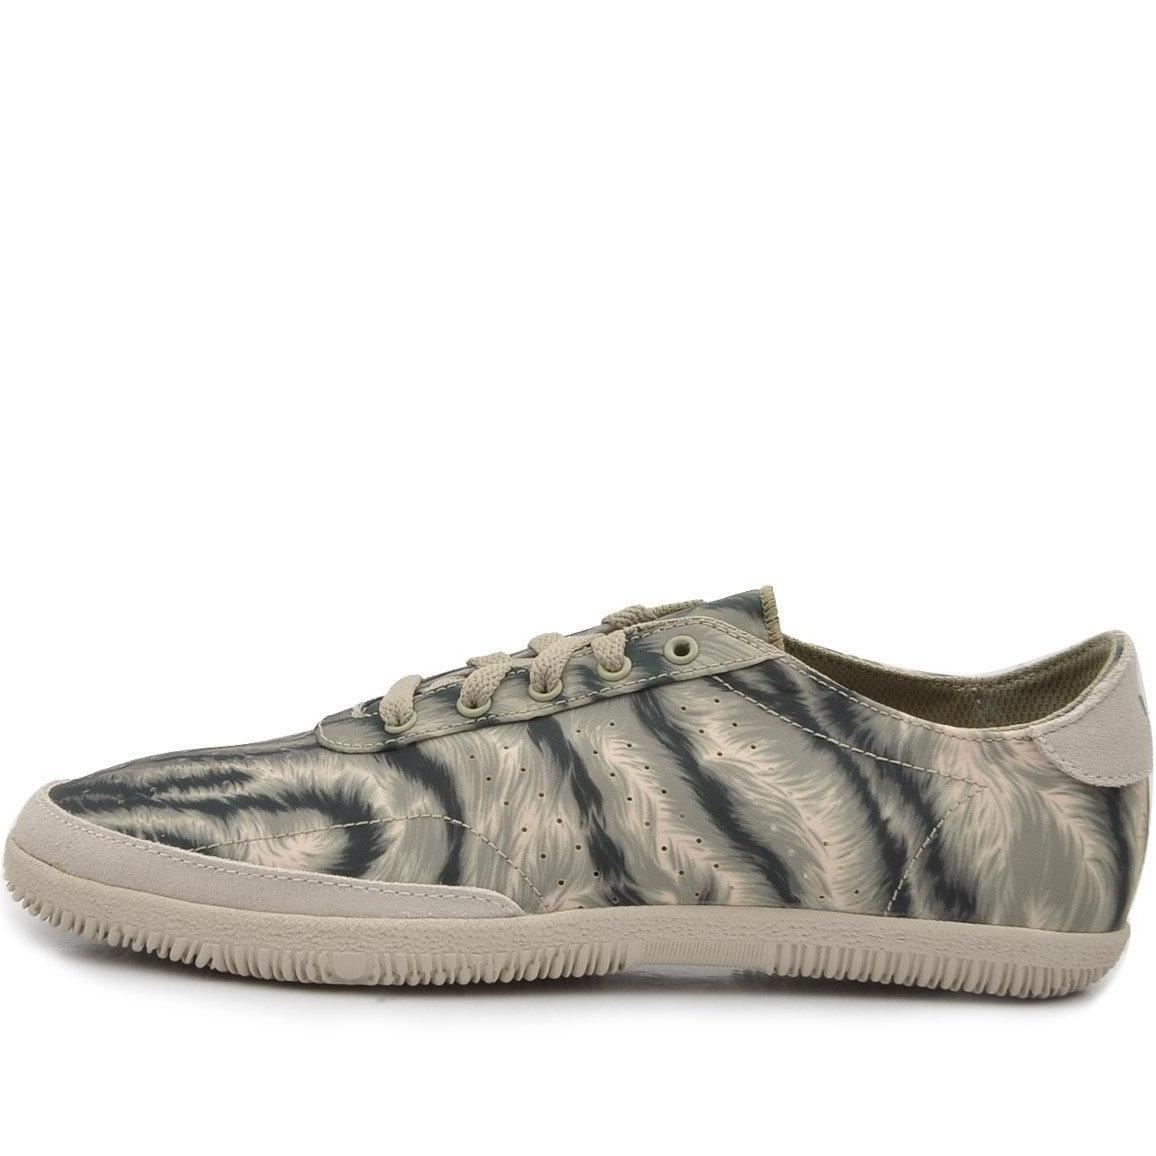 Кеды мужские adidas JS Plimsole Tigerca M18995 (текстиль, летние, повседневные, перфорированные, бренд адидас)